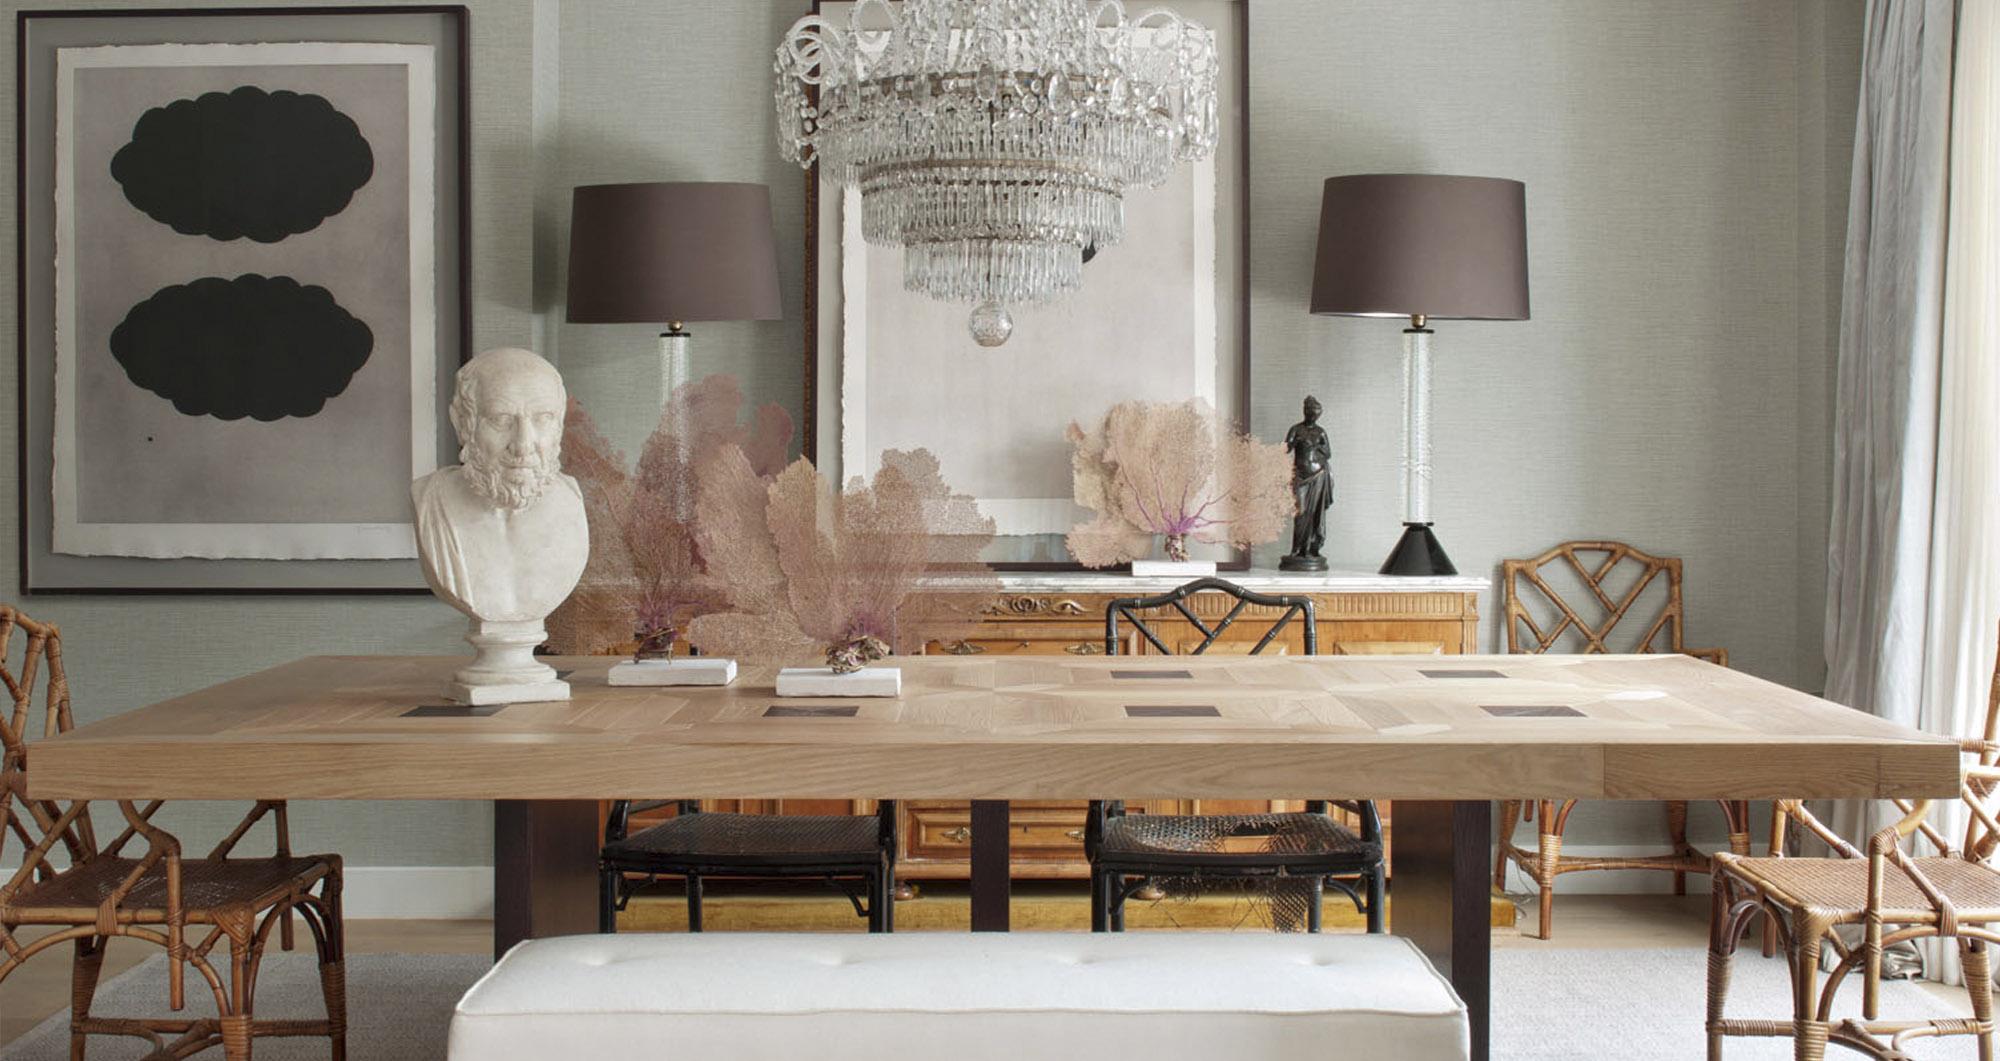 Mesa de comedor con sillas antiguas decorada con busto antiguo y decoración marina, con lámparas de mampara marrón y lámpara de techo estilo araña. Obra de Belén Ferrándiz, inteirorista y arquitecta